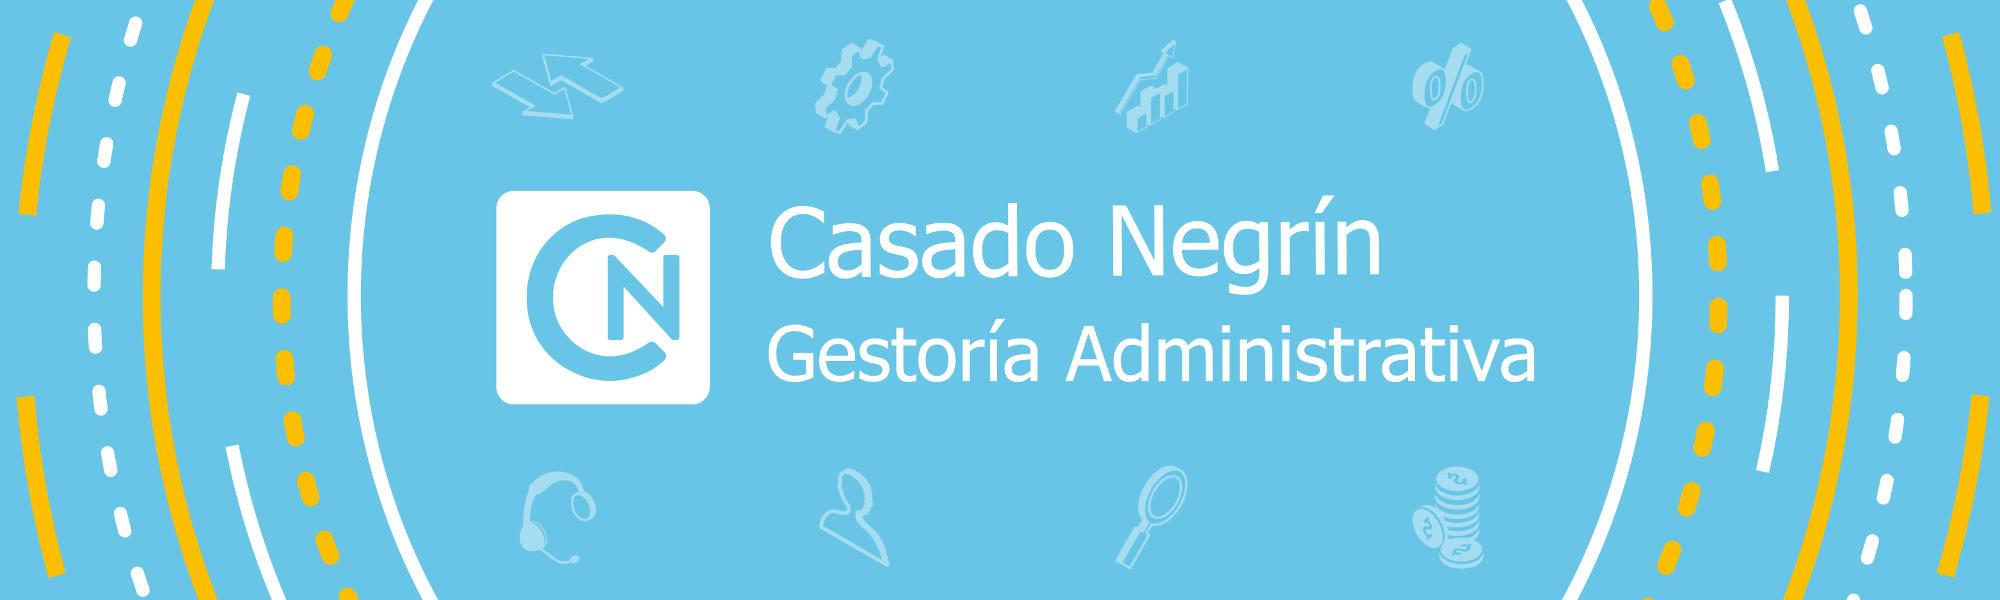 Gestoría Administrativa en Tenerife - Casado Negin